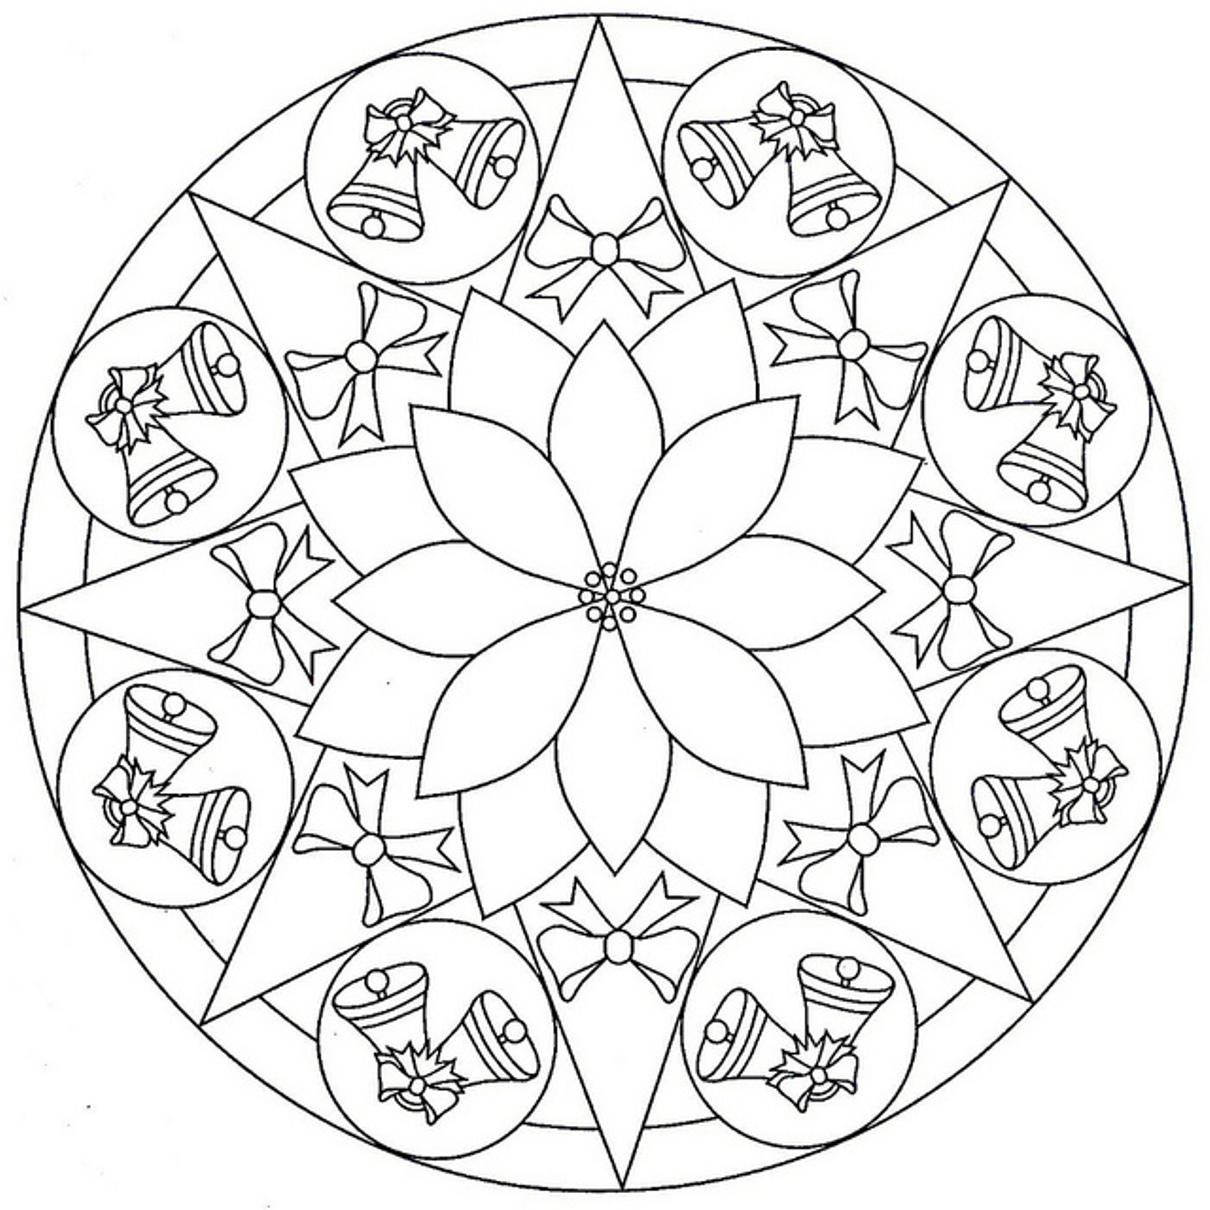 Колокольчики с бантиками в рисунке на шаре Зимние раскраски для мальчиков